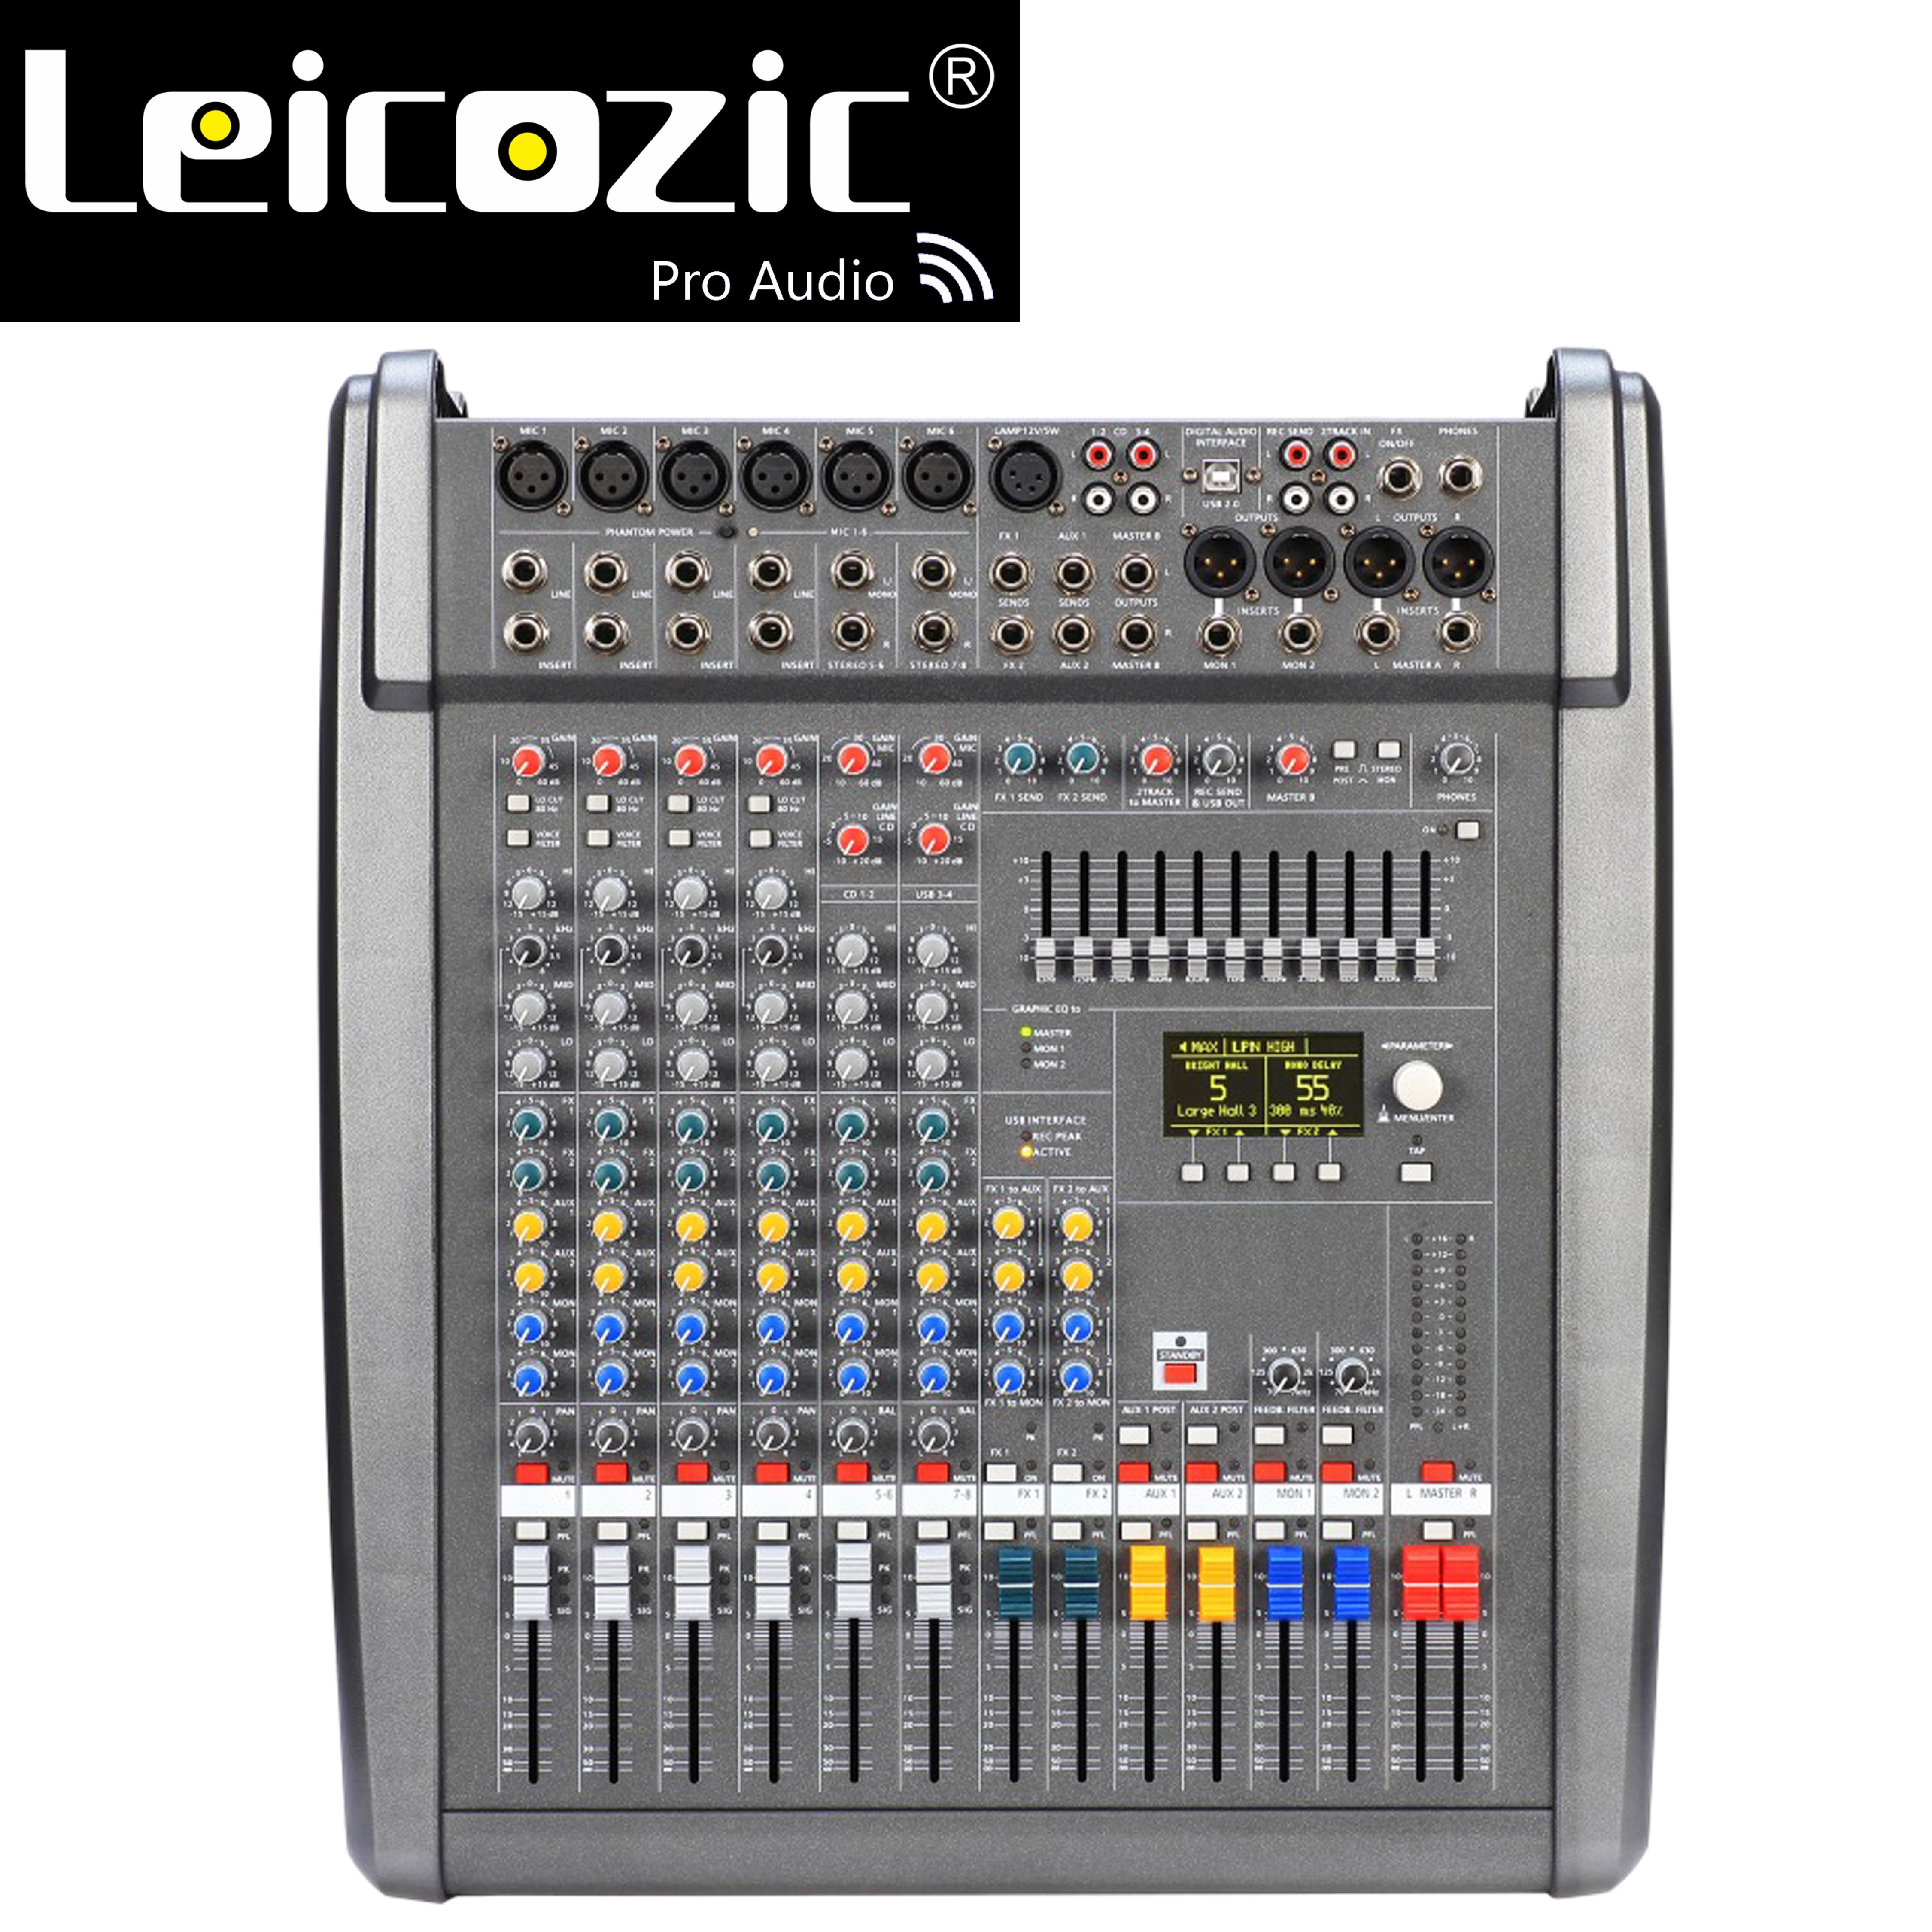 Console de mixage alimentée par PM600-3 Leicozic 1000W * 2 Console de mixage Audio alimentée 4OHMS Console de mixage 8 canaux professionnelle Powermate